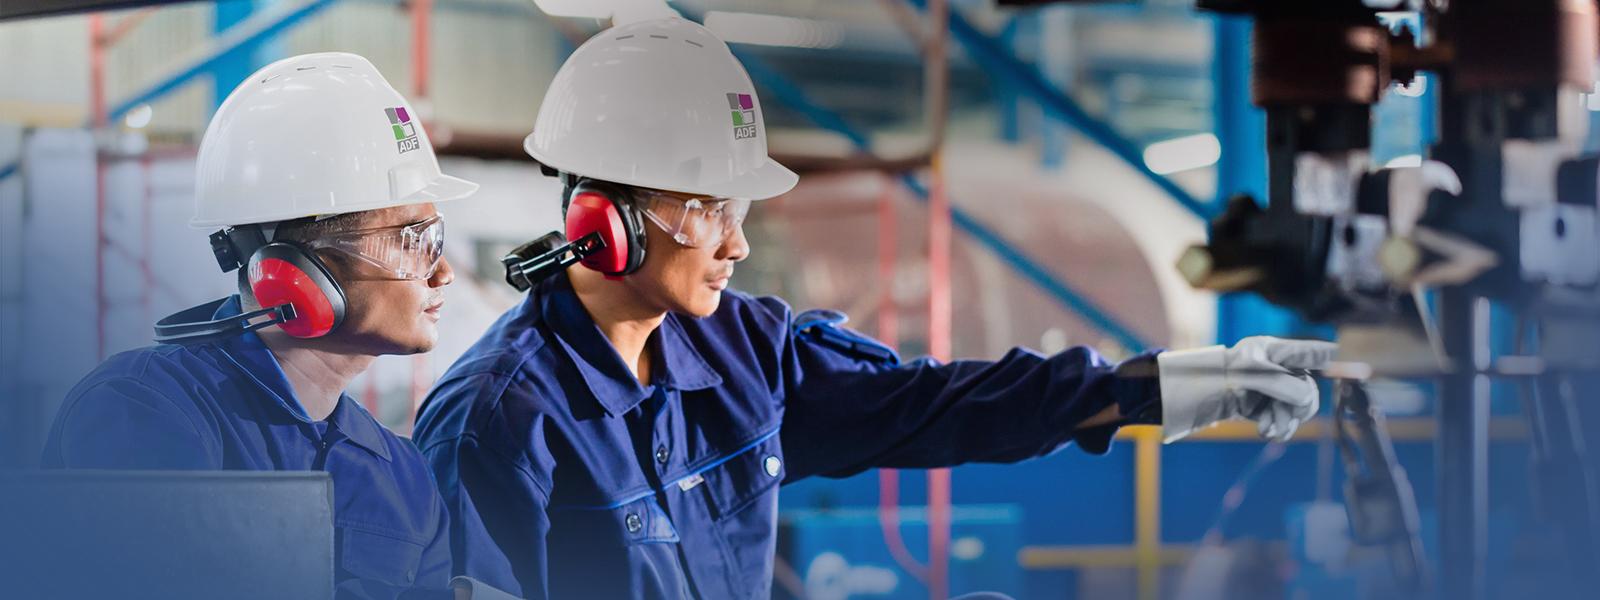 Deze afbeelding toont twee techniekers, in veiligheidskledij, oorbeschermers, een helm en veiligheidsbril die met elkaar praten over het productieproces waar ze aan meewerken.